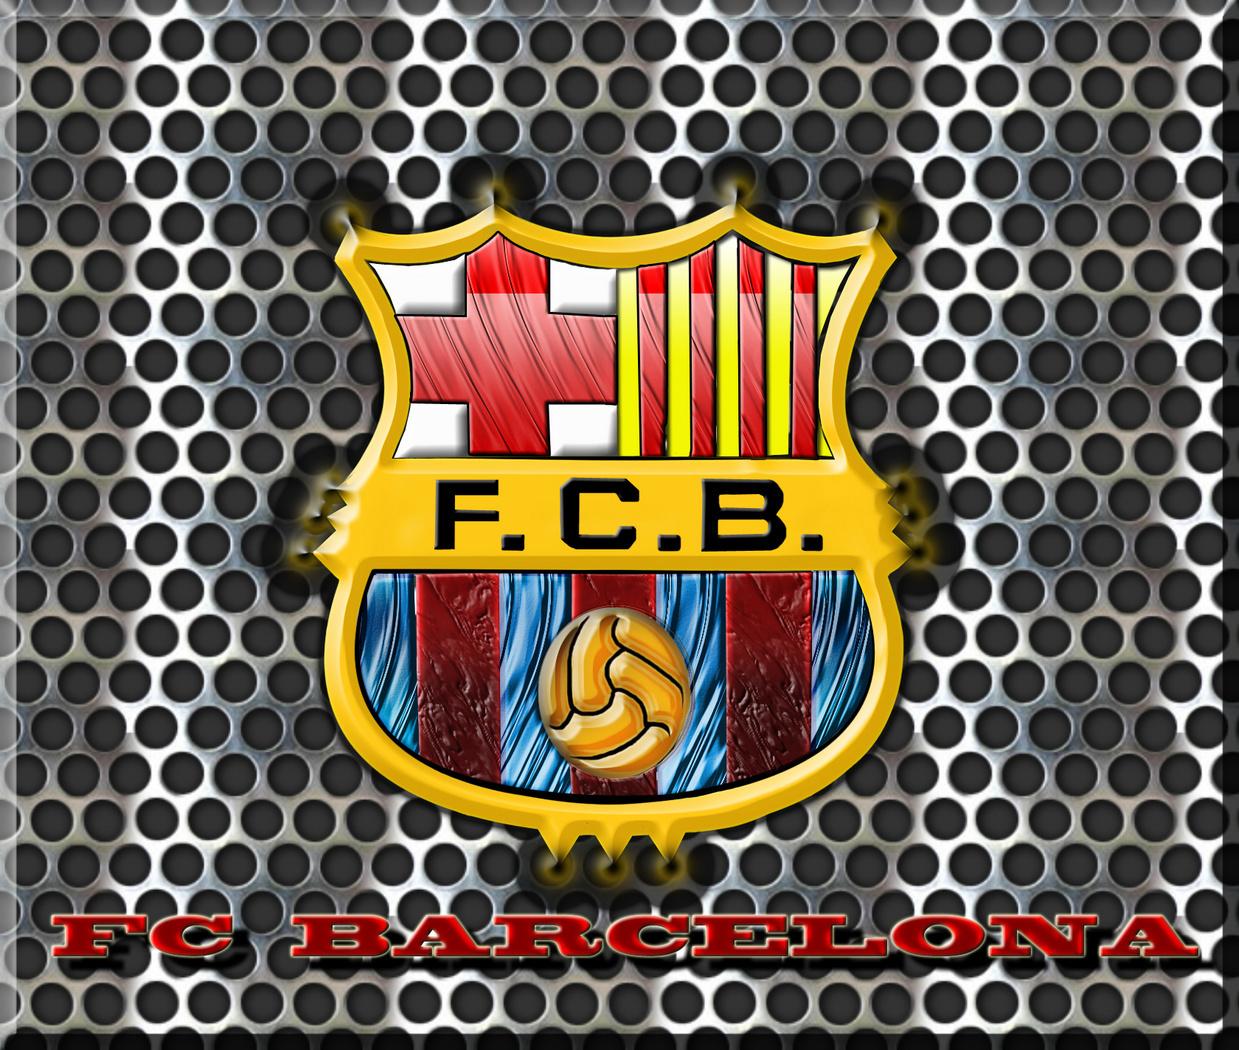 Fcb Logo Name File Name Fc-barcelona-logo